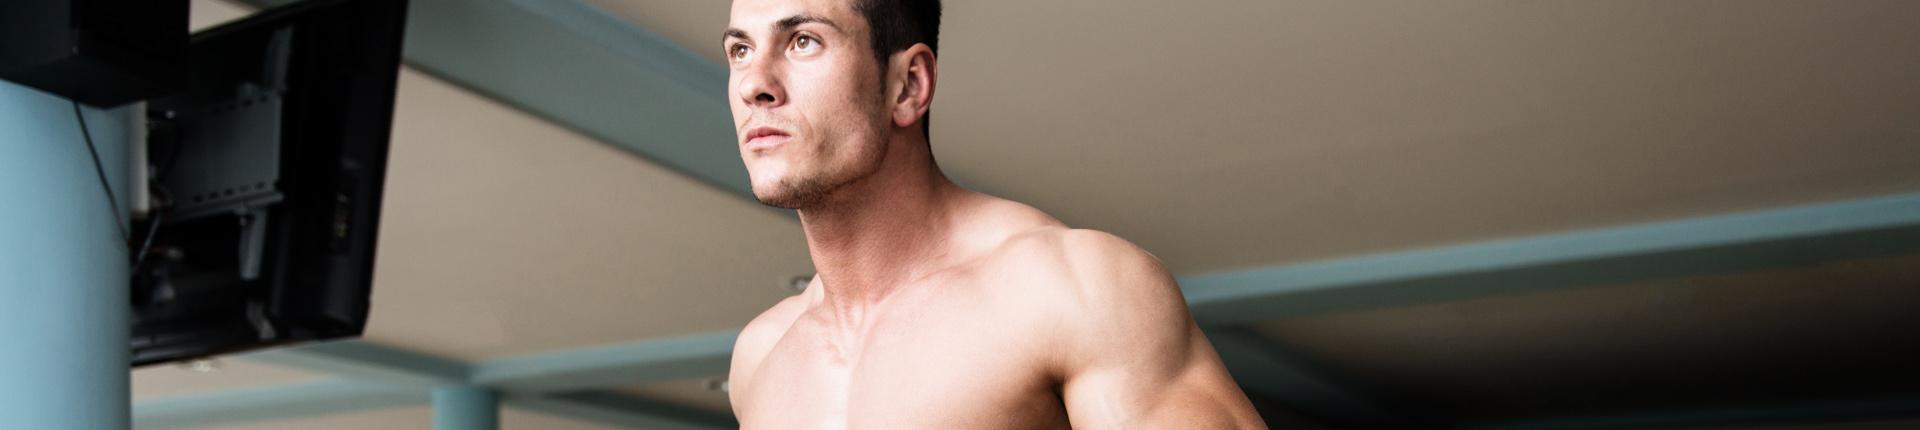 Hormonalna reakcja na trening, przetrenowanie – trening aerobowy i beztlenowy